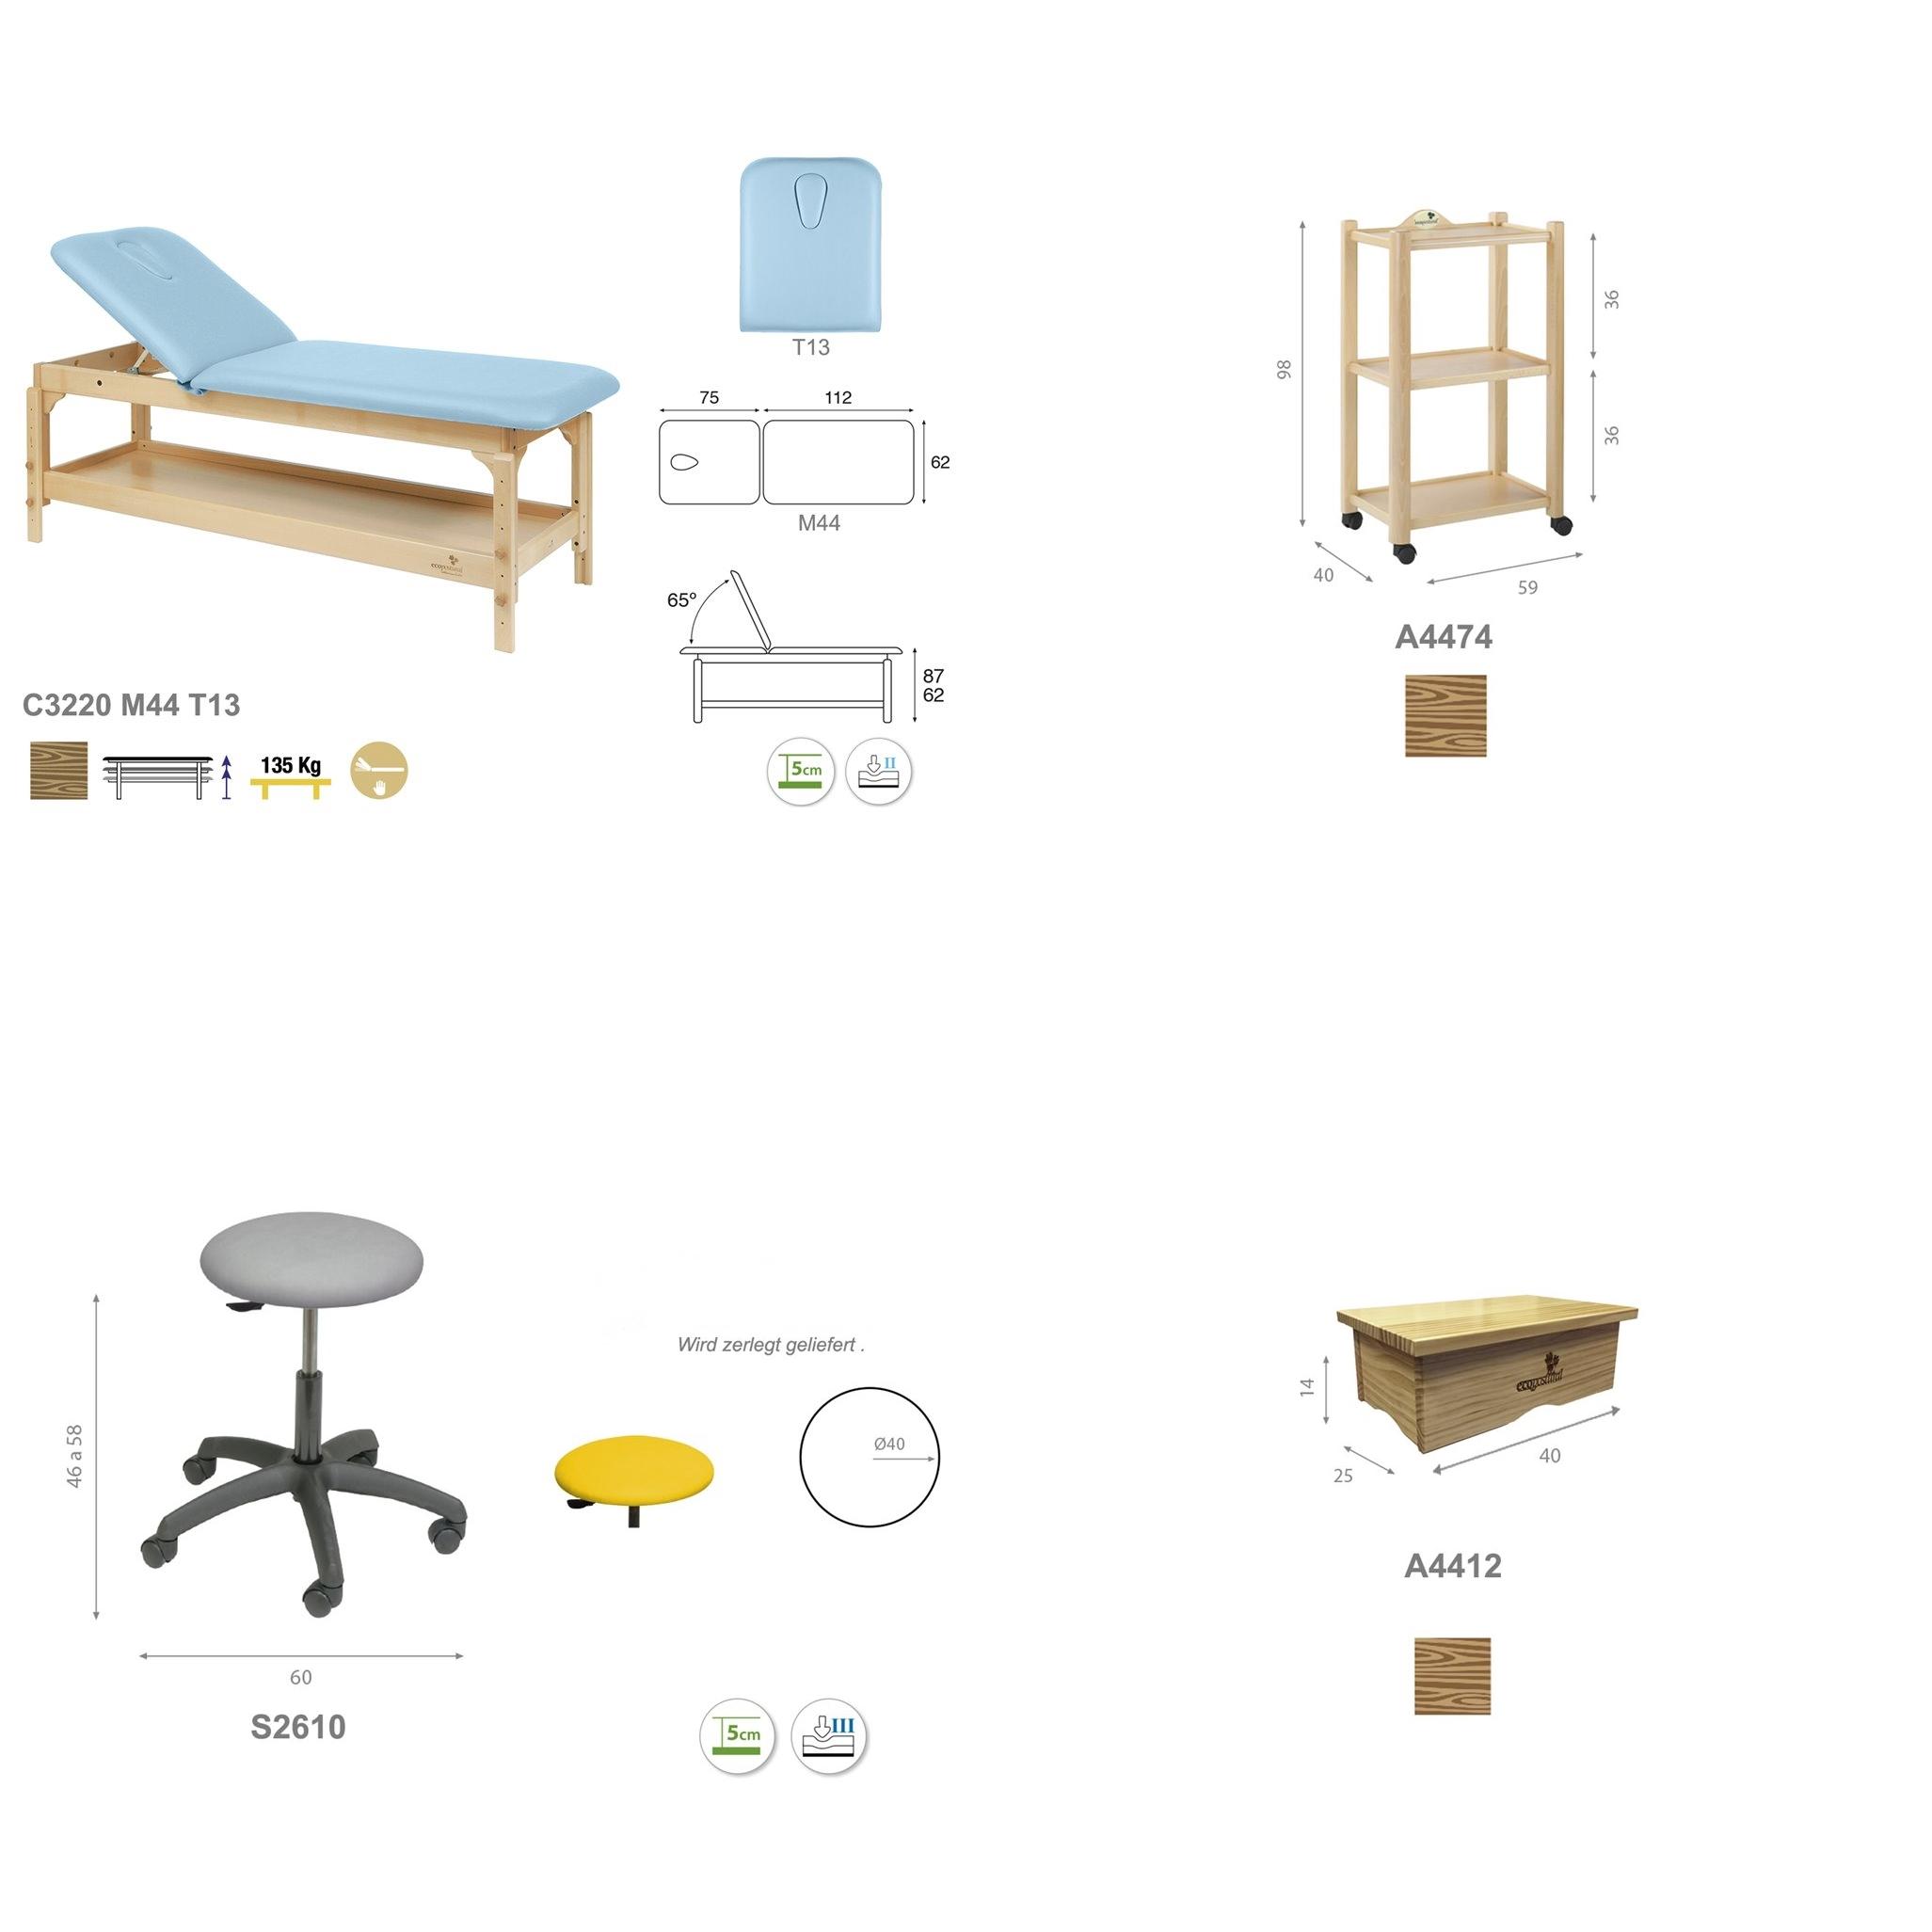 Einrichtungs-Set PACK02 im Detail.  - Technische Details | Ecopostural